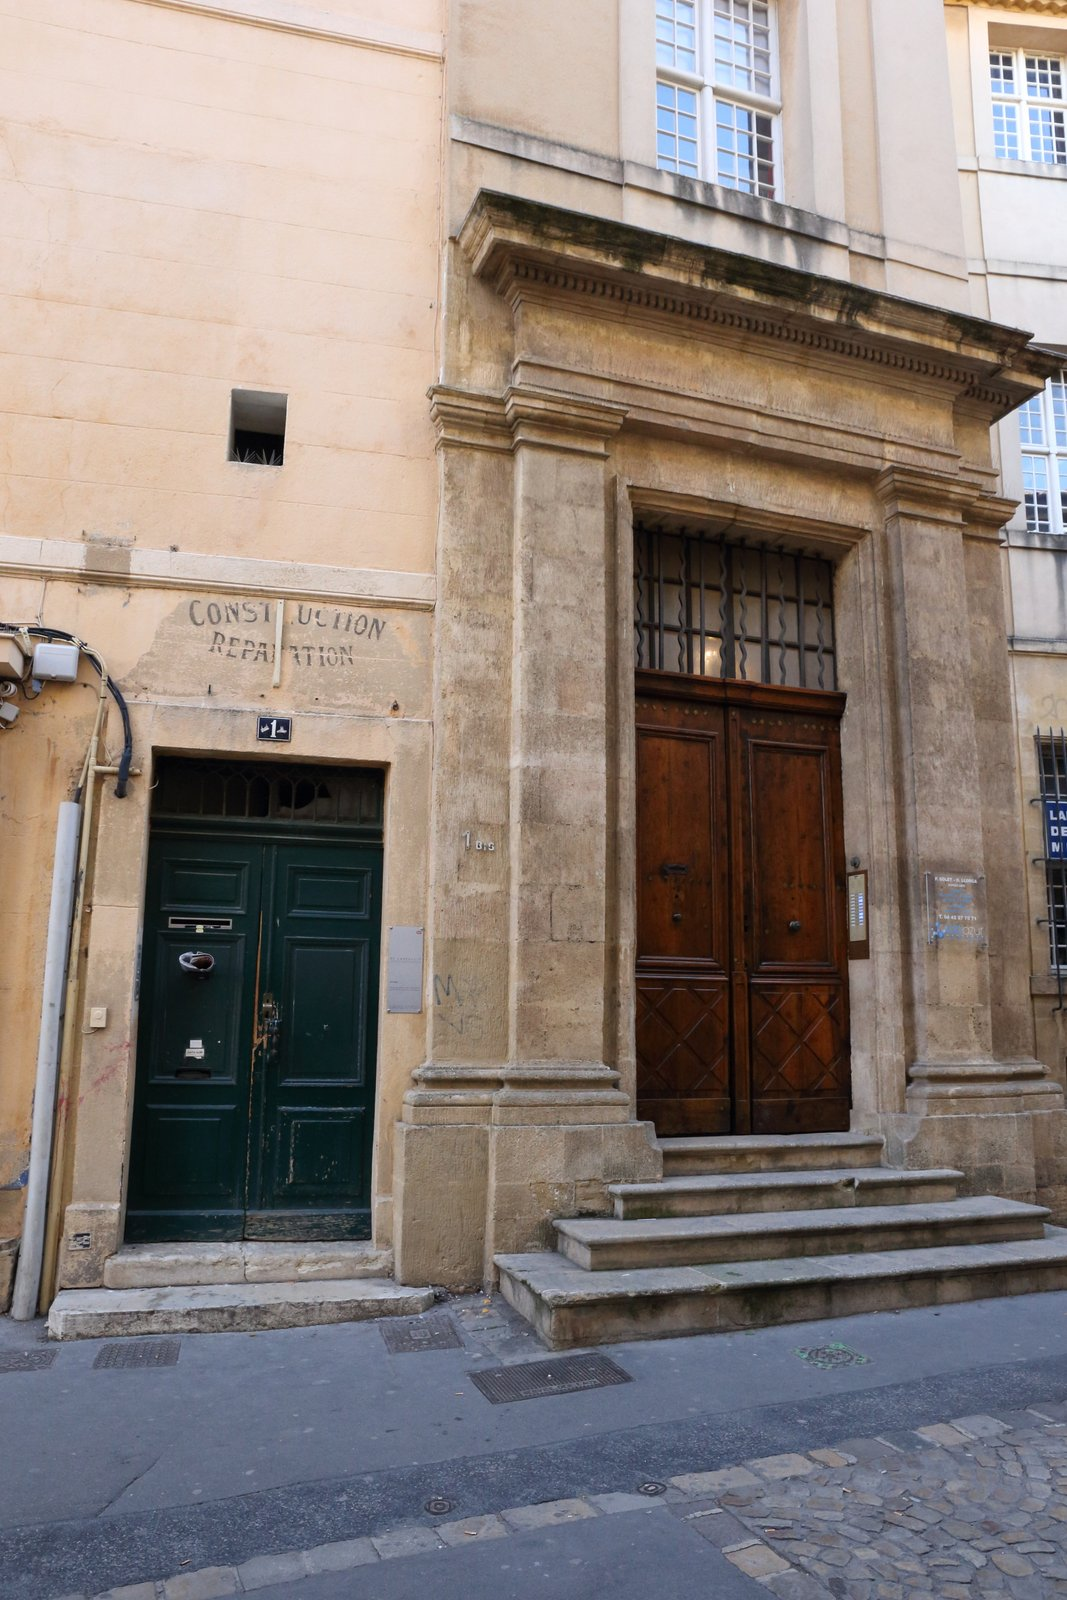 Aix_2013-03-02_0047